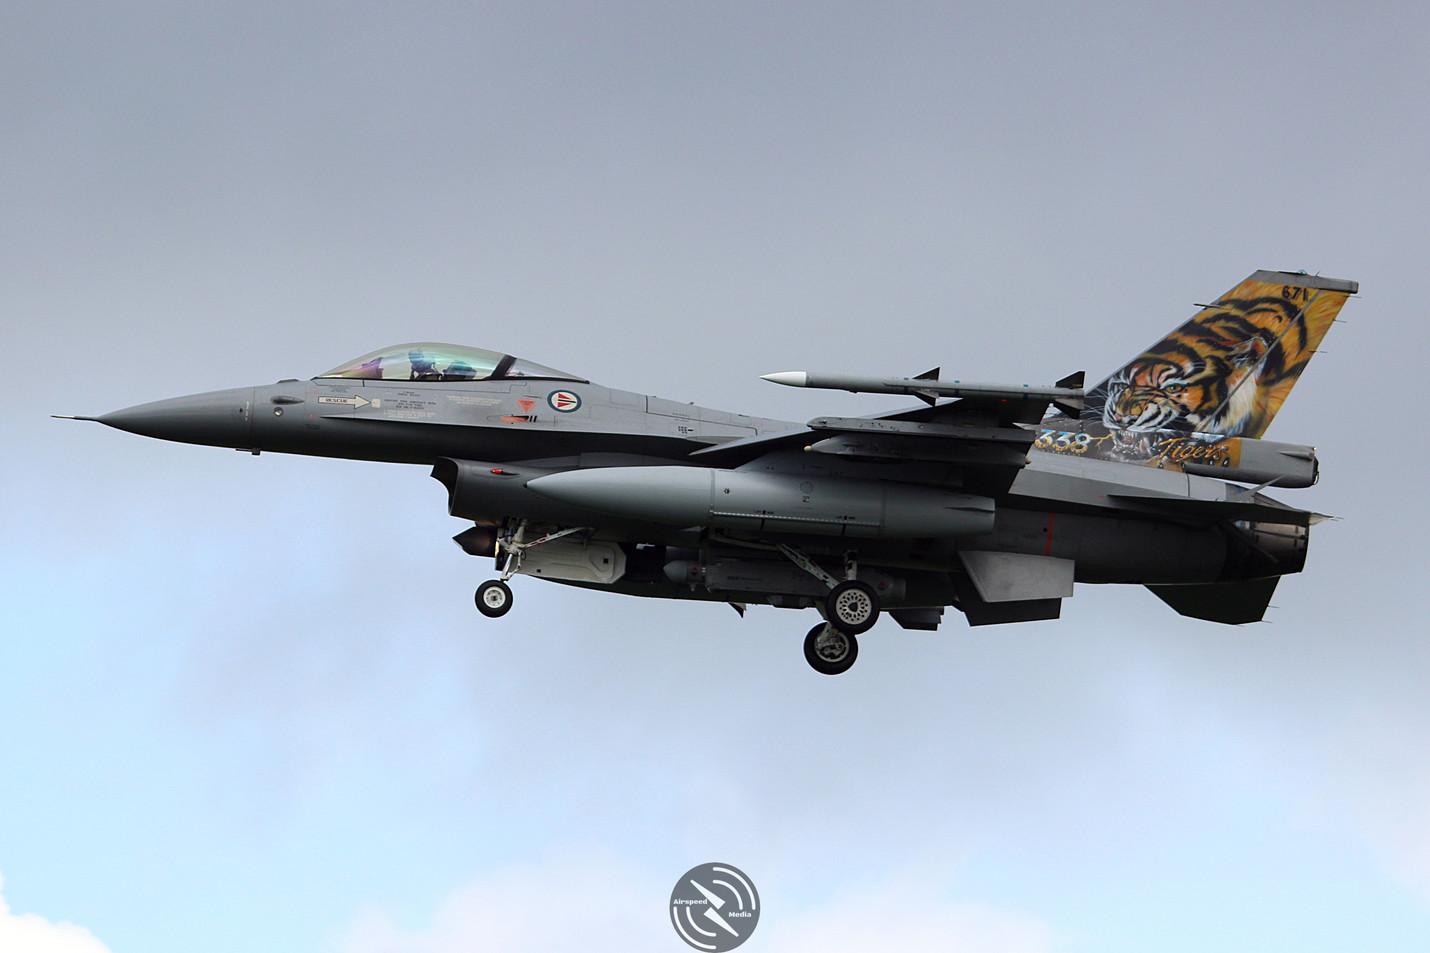 Royal Norweigen Air Force F16 Frisian Fl